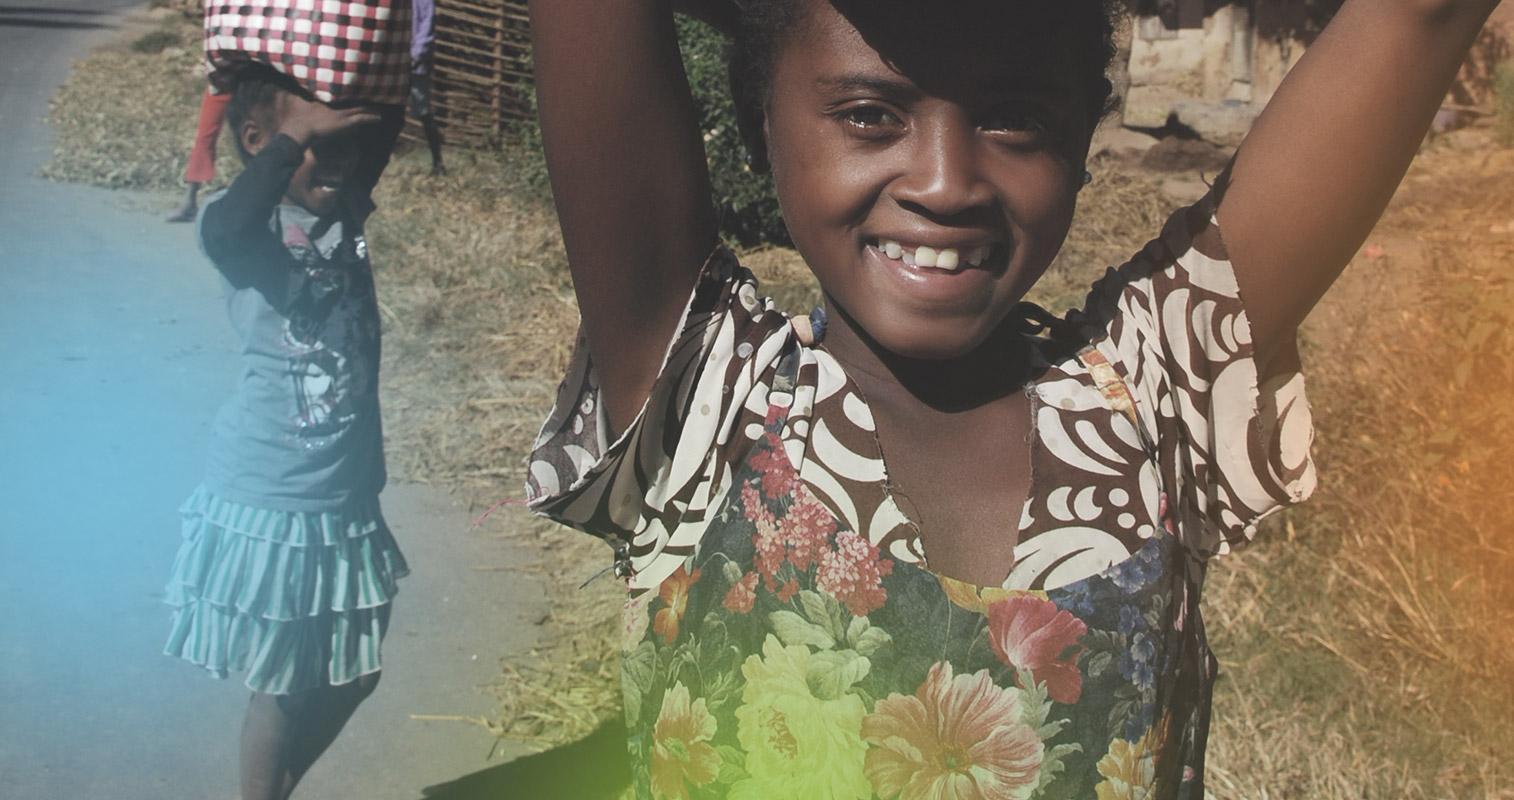 Zdjęcie przedstawiające dziewczynkę